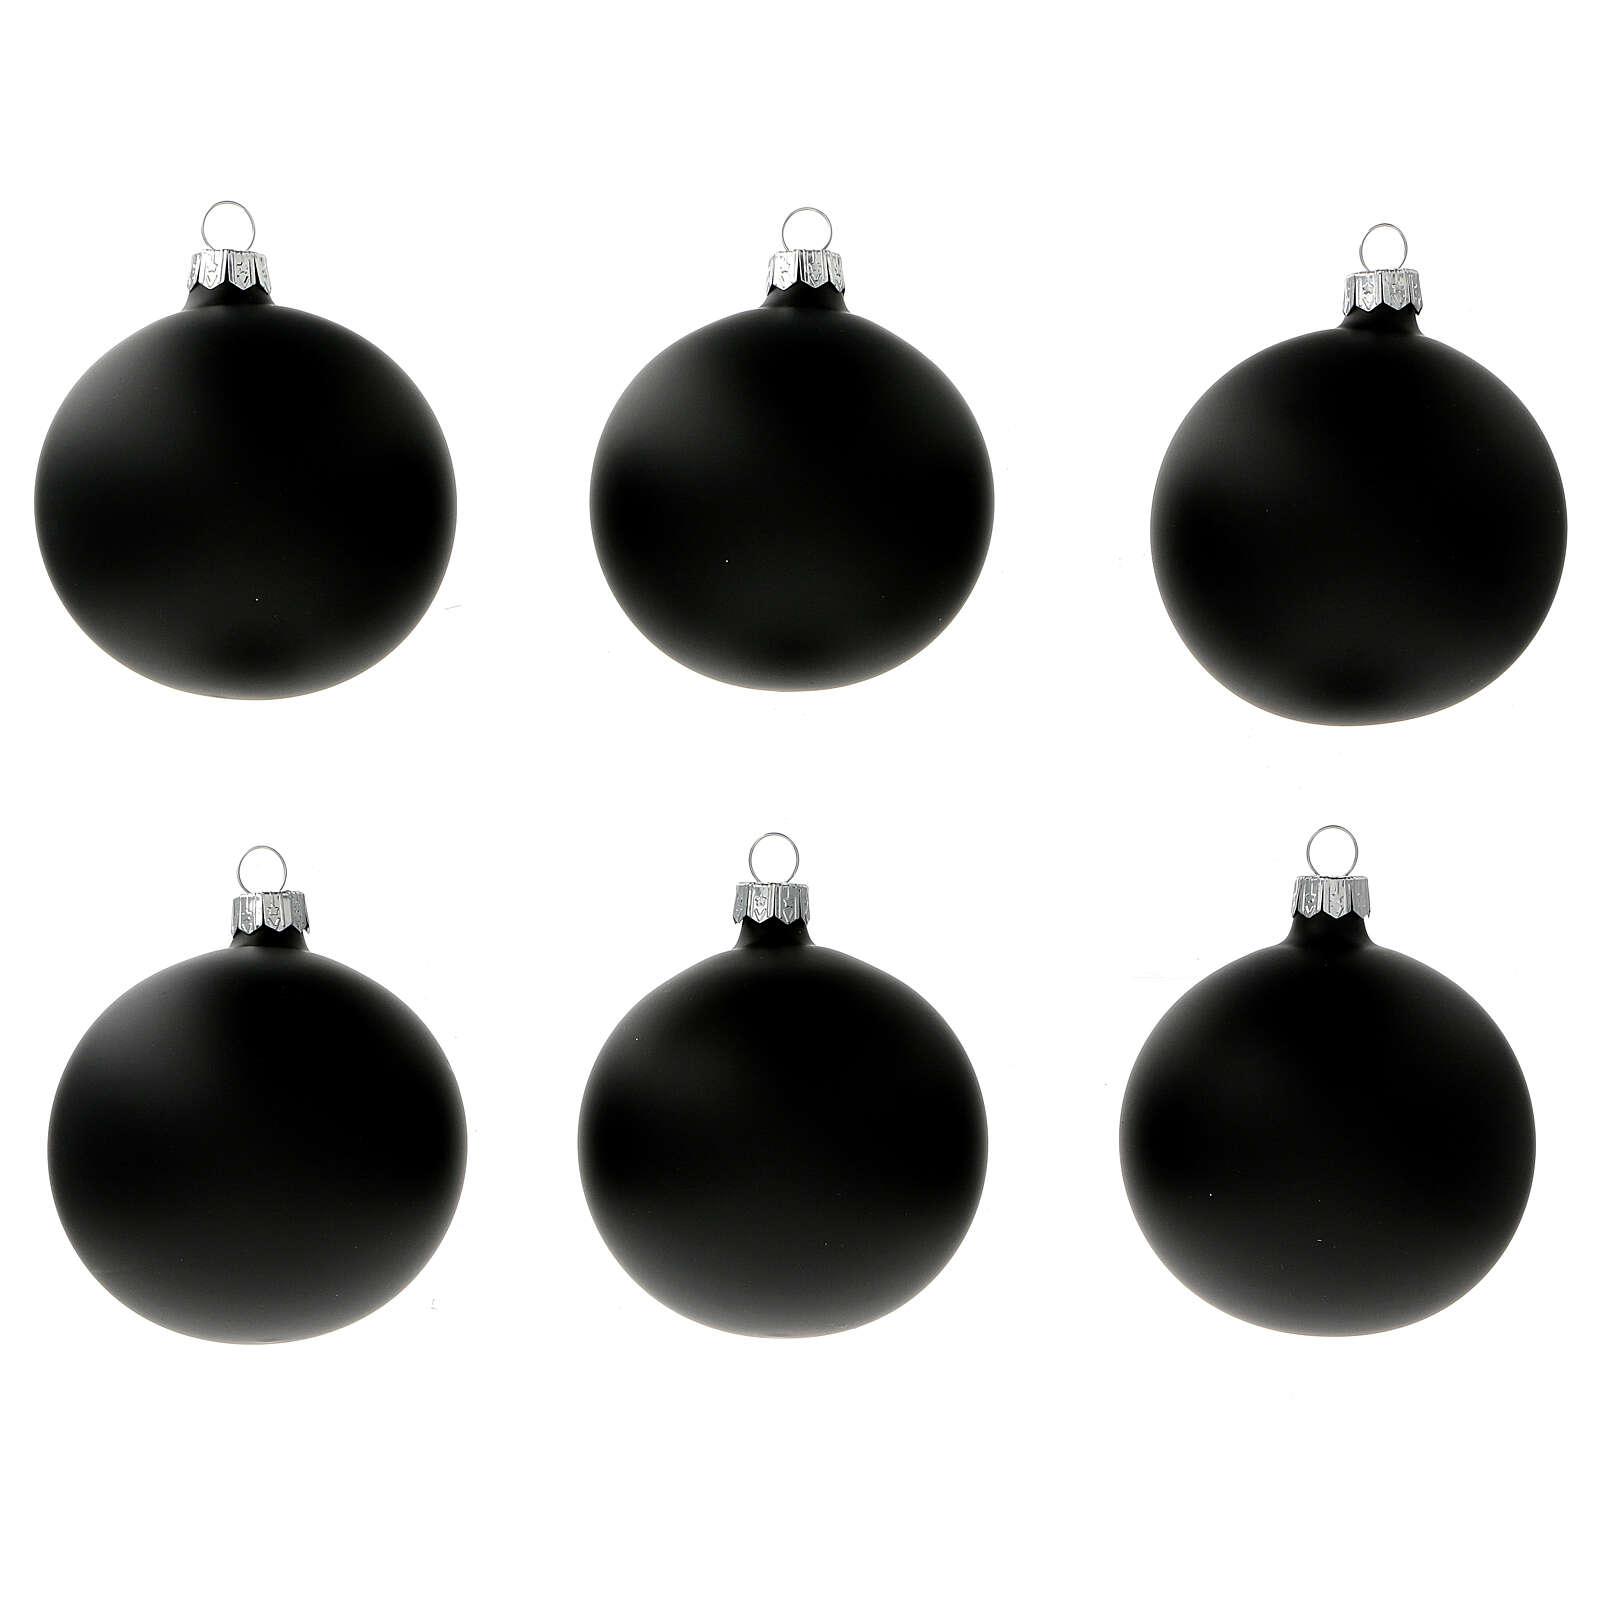 Boules sapin Noël noir mat verre soufflé 80 mm 6 pcs 4